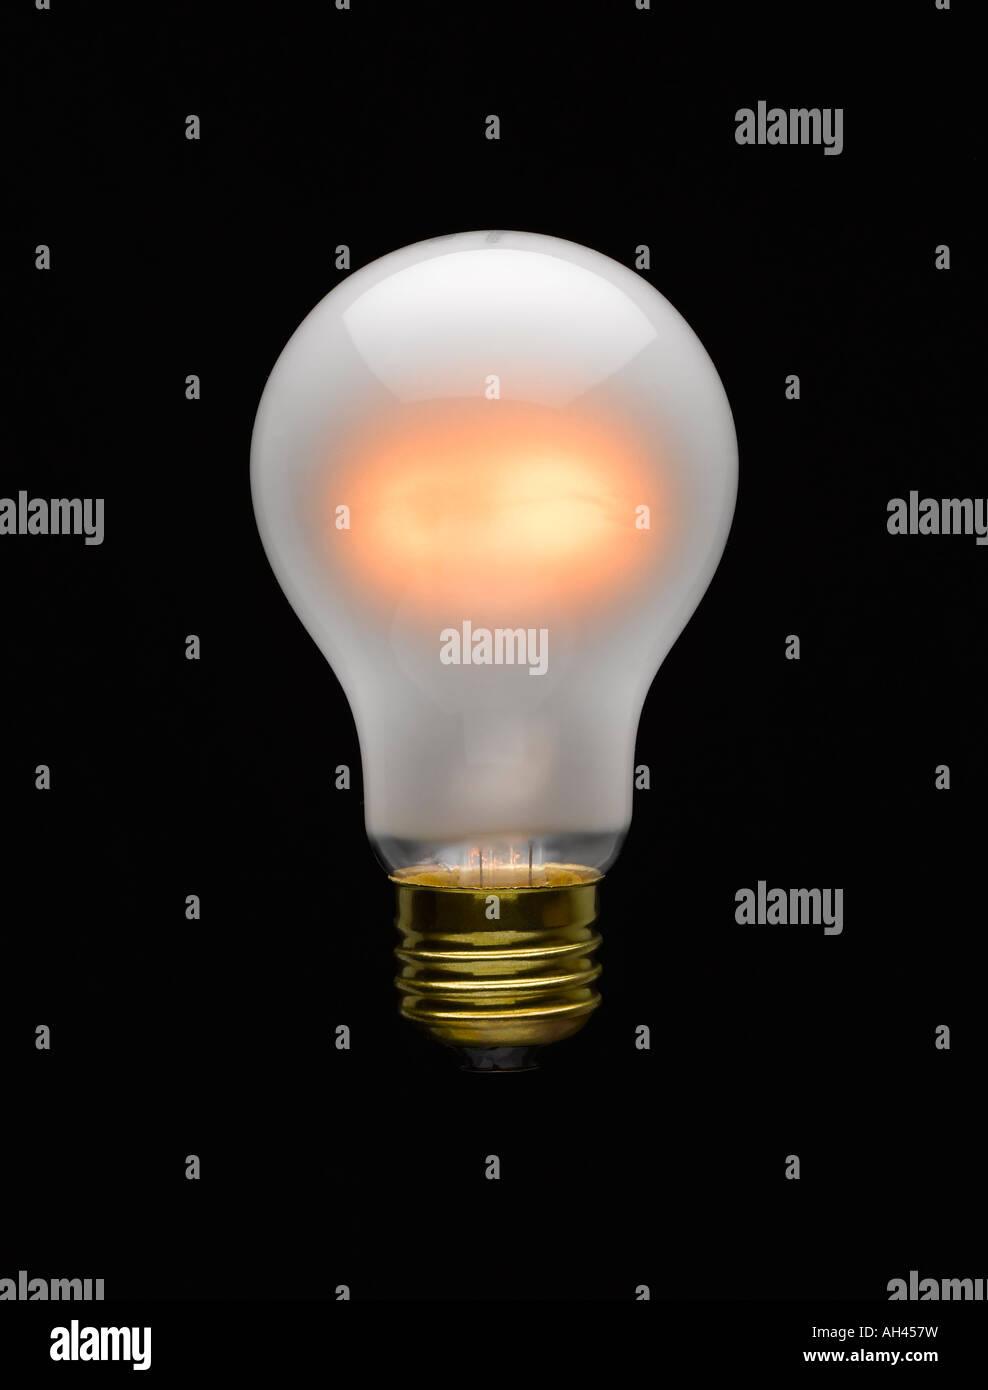 Lit Lightbulb - Stock Image